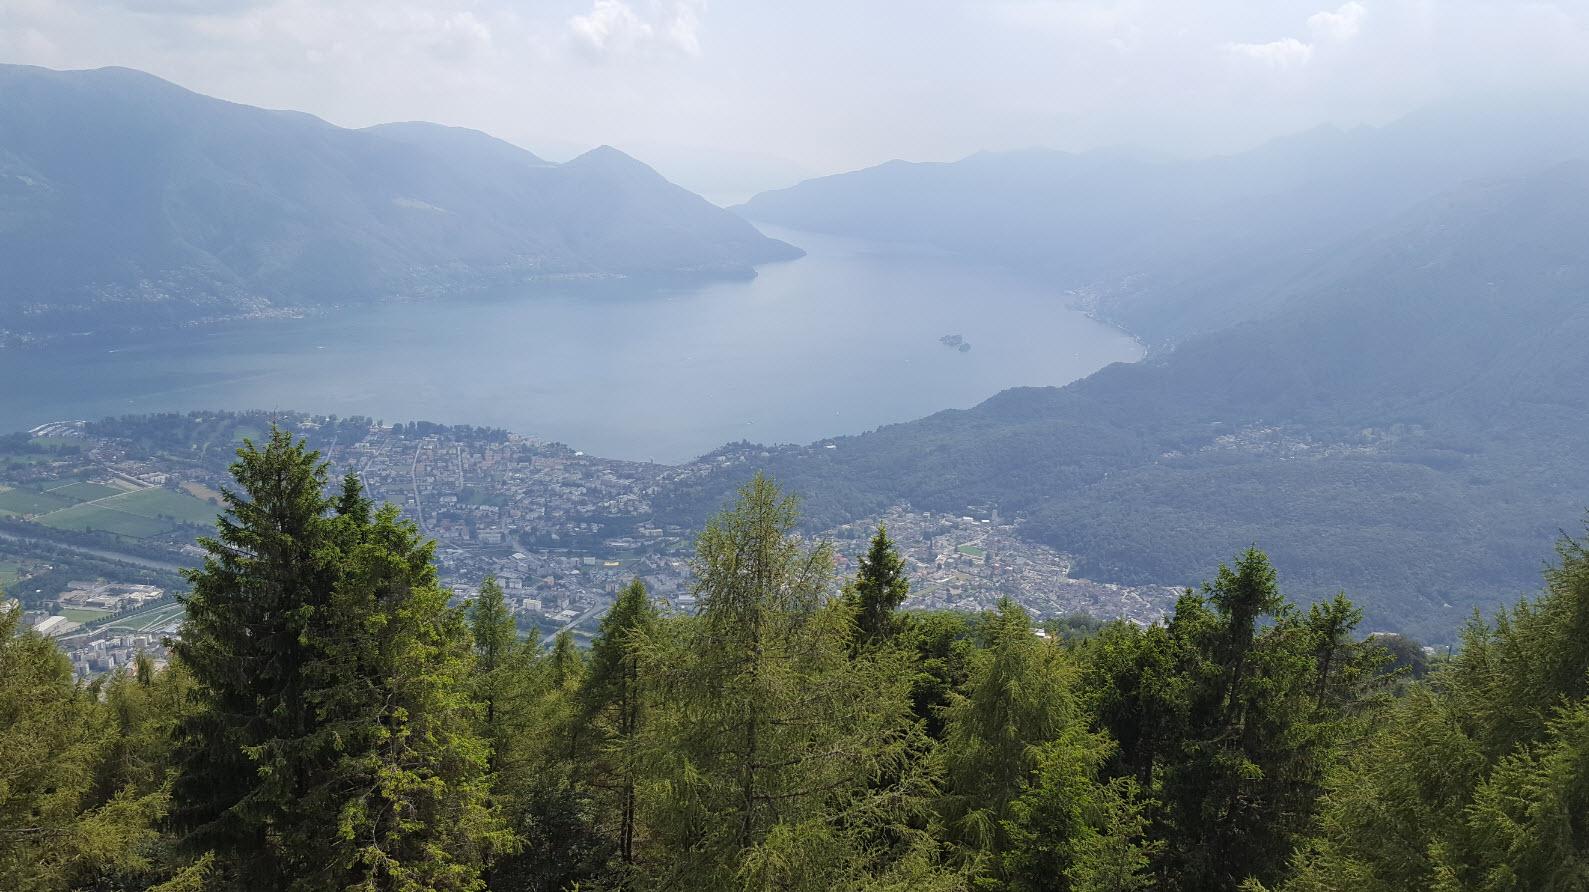 Vue panoramique sur le Lac Majeur en Suisse et Italie